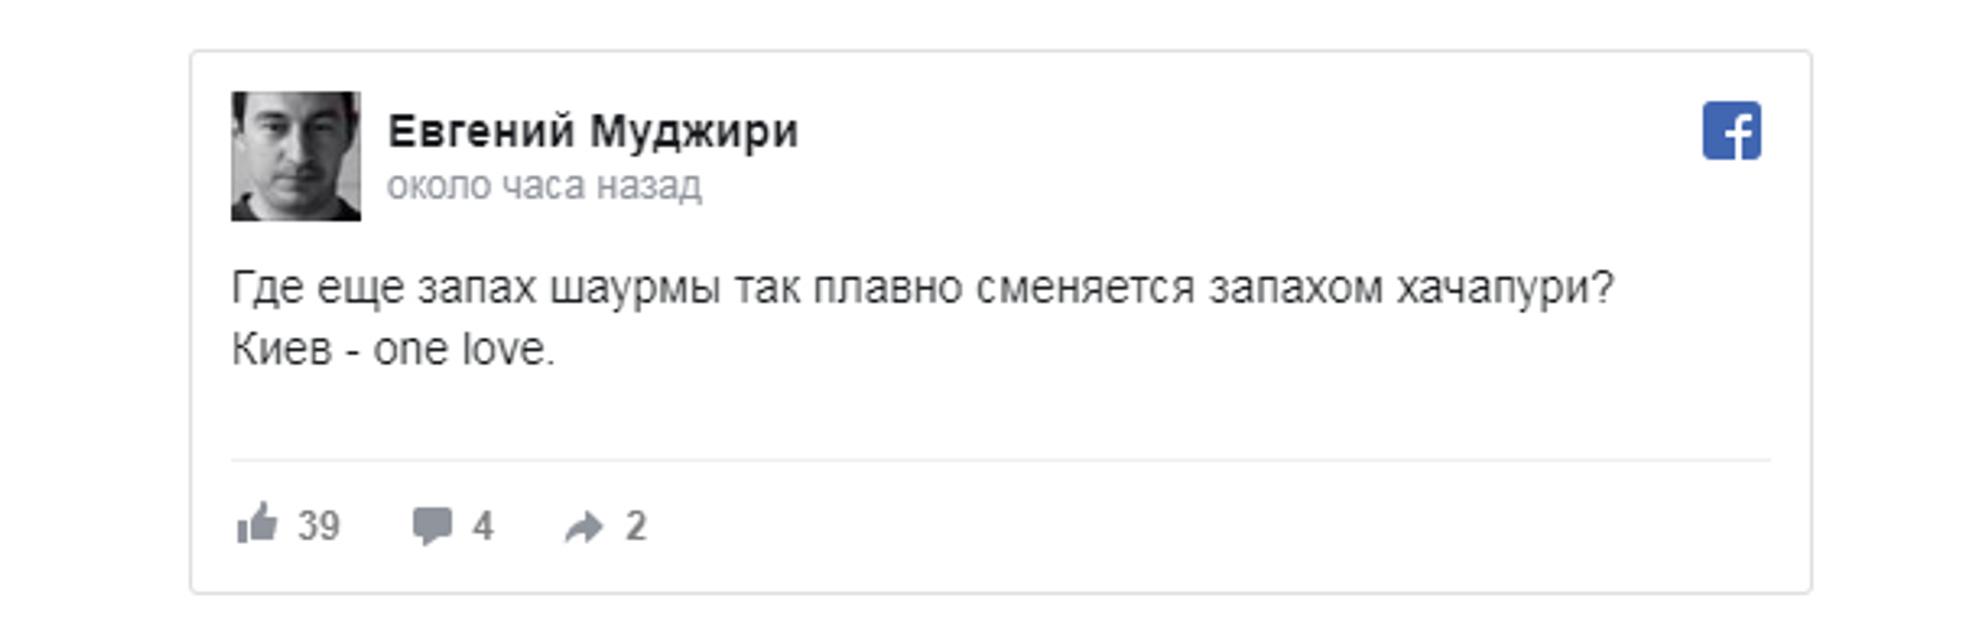 Саакашвили летит в Украину: лучшие шутки и МЕМЫ - фото 181747